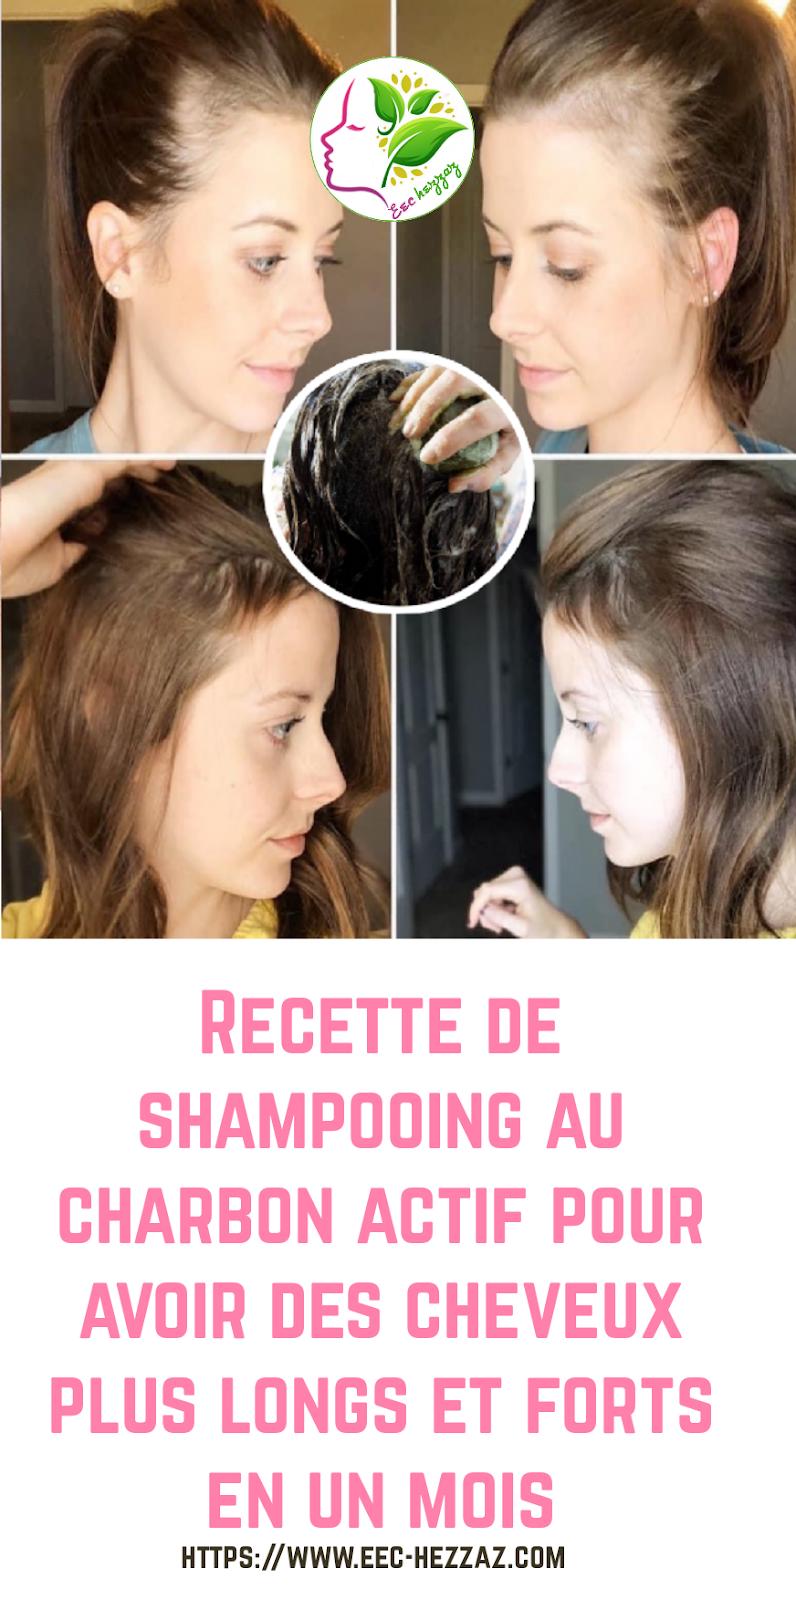 Recette de shampooing au charbon actif pour avoir des cheveux plus longs et forts en un mois